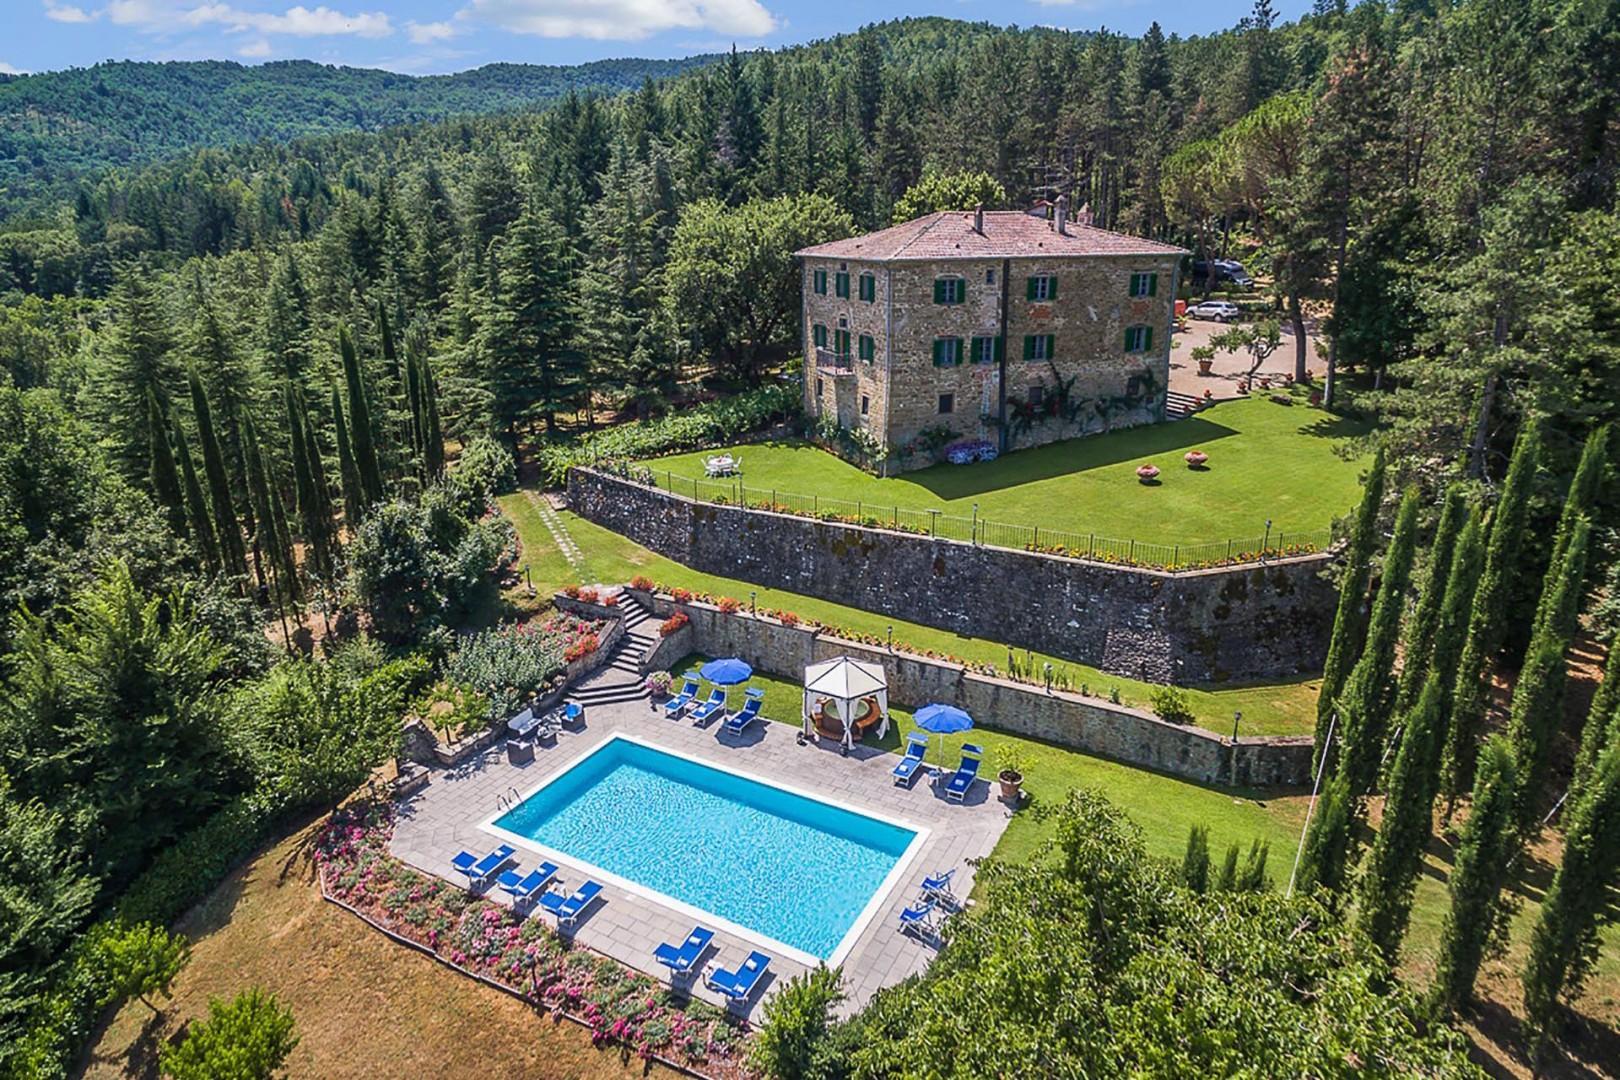 Dating back to 1785, Romanza Villa enjoys a beautiful park-like setting.